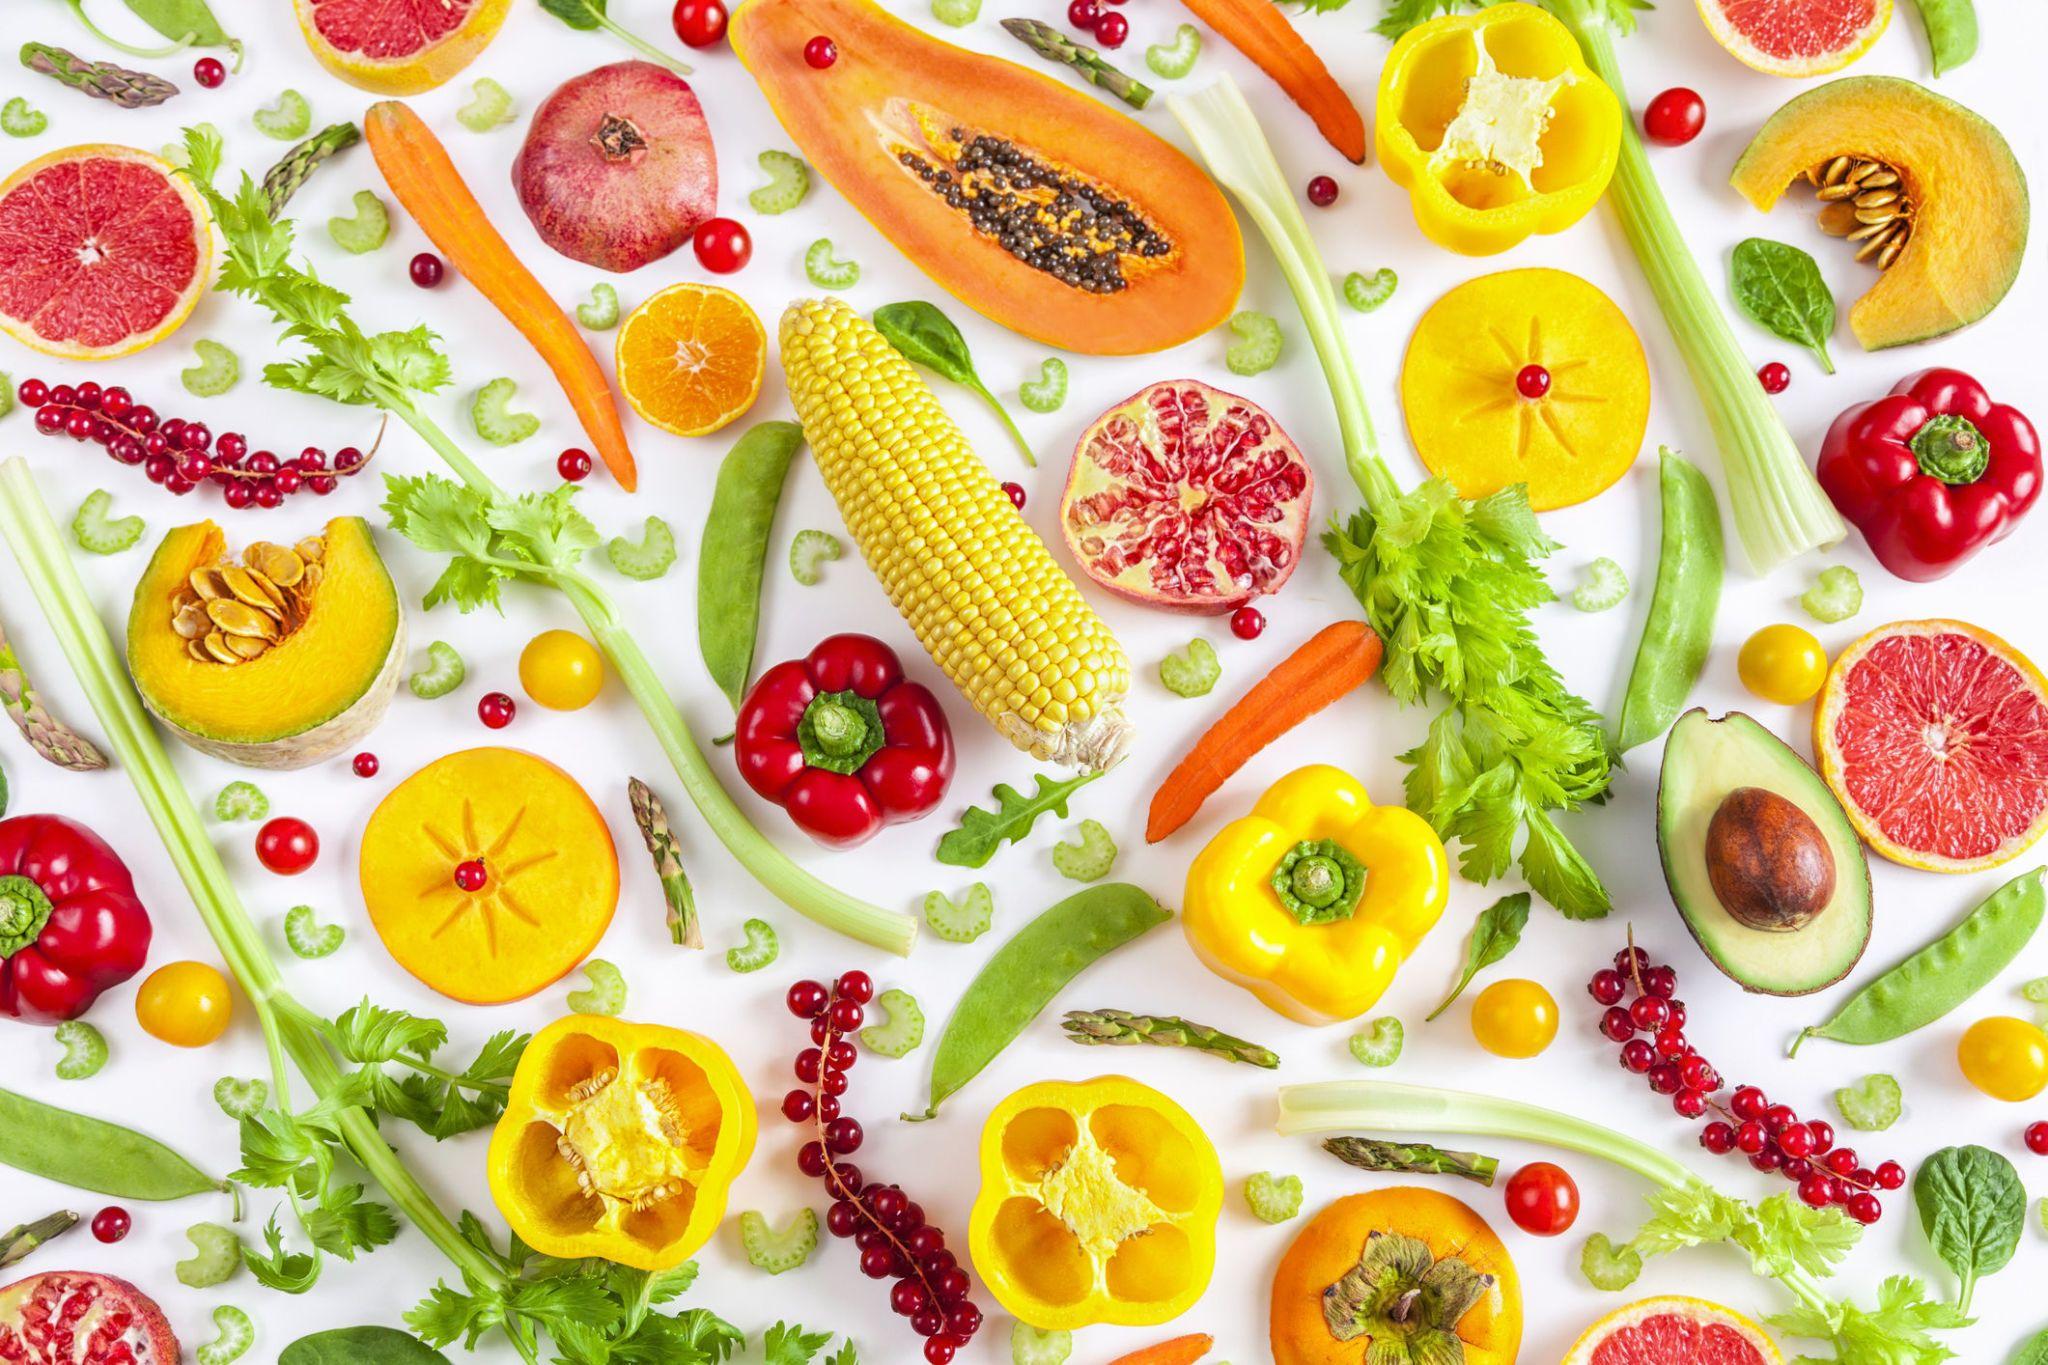 cosa mangiare per perdere peso con una dieta vegana